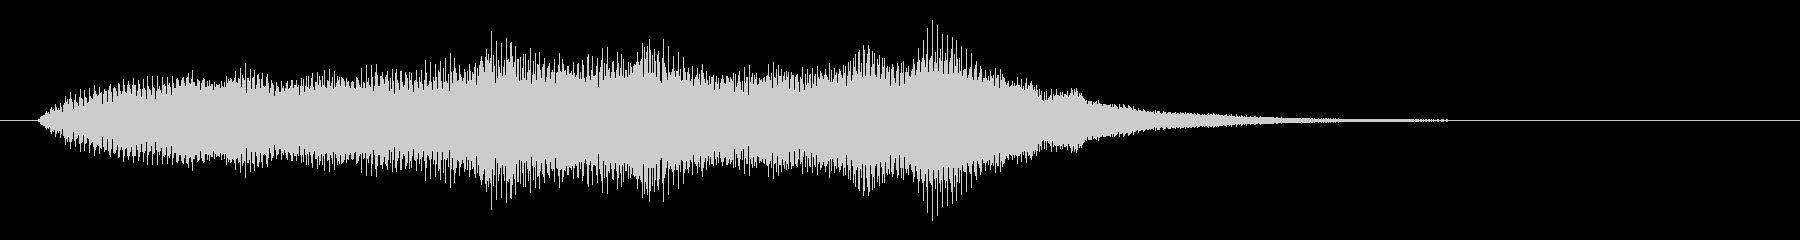 雄大な感じのサウンドロゴの未再生の波形